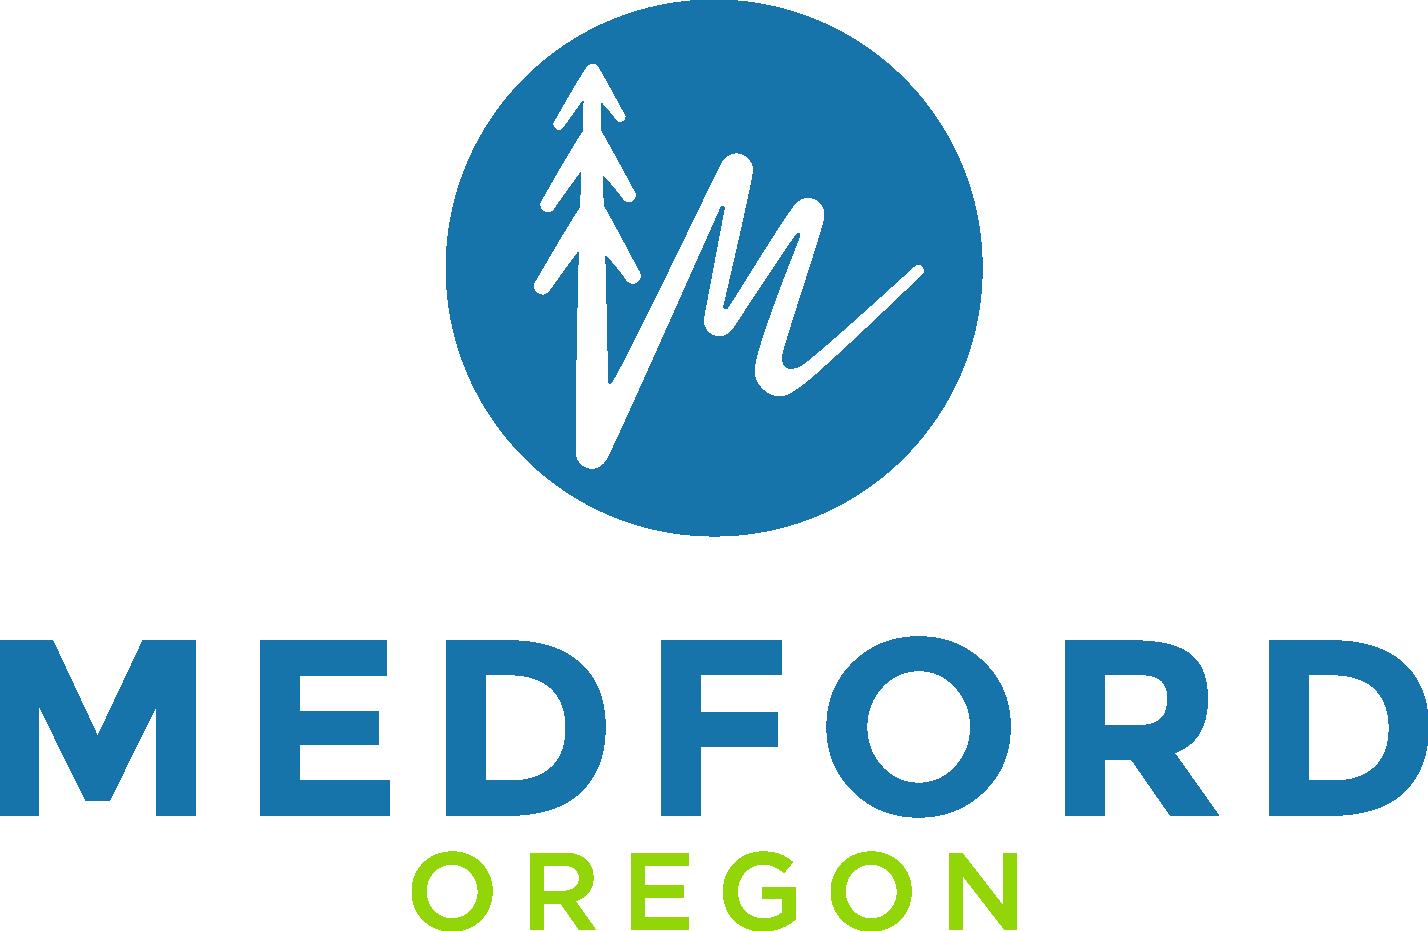 logo_medford_oregon_color_vertical.png